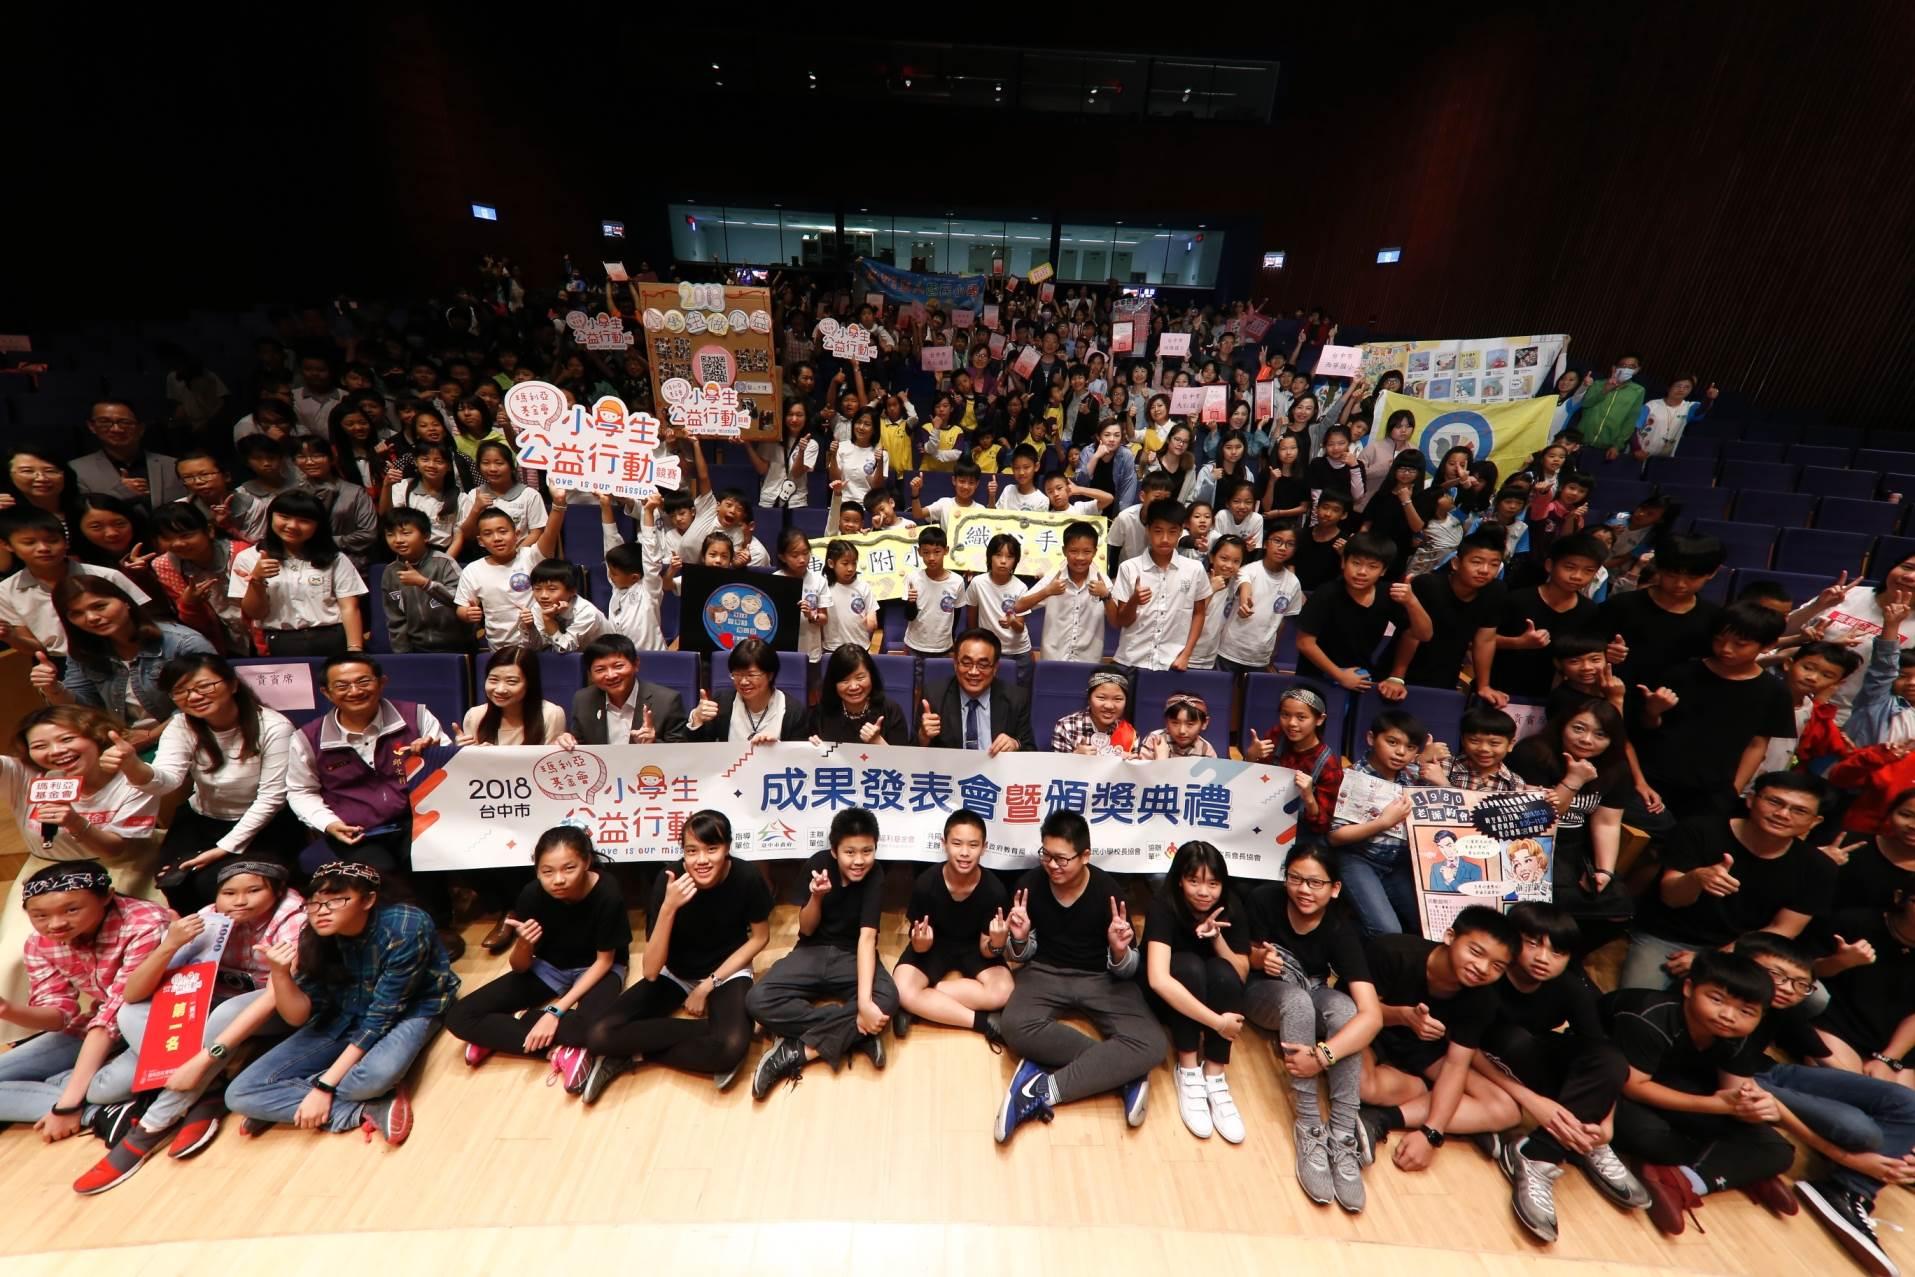 2018臺中市小學生公益行動成果發表會暨頒獎典禮合影。